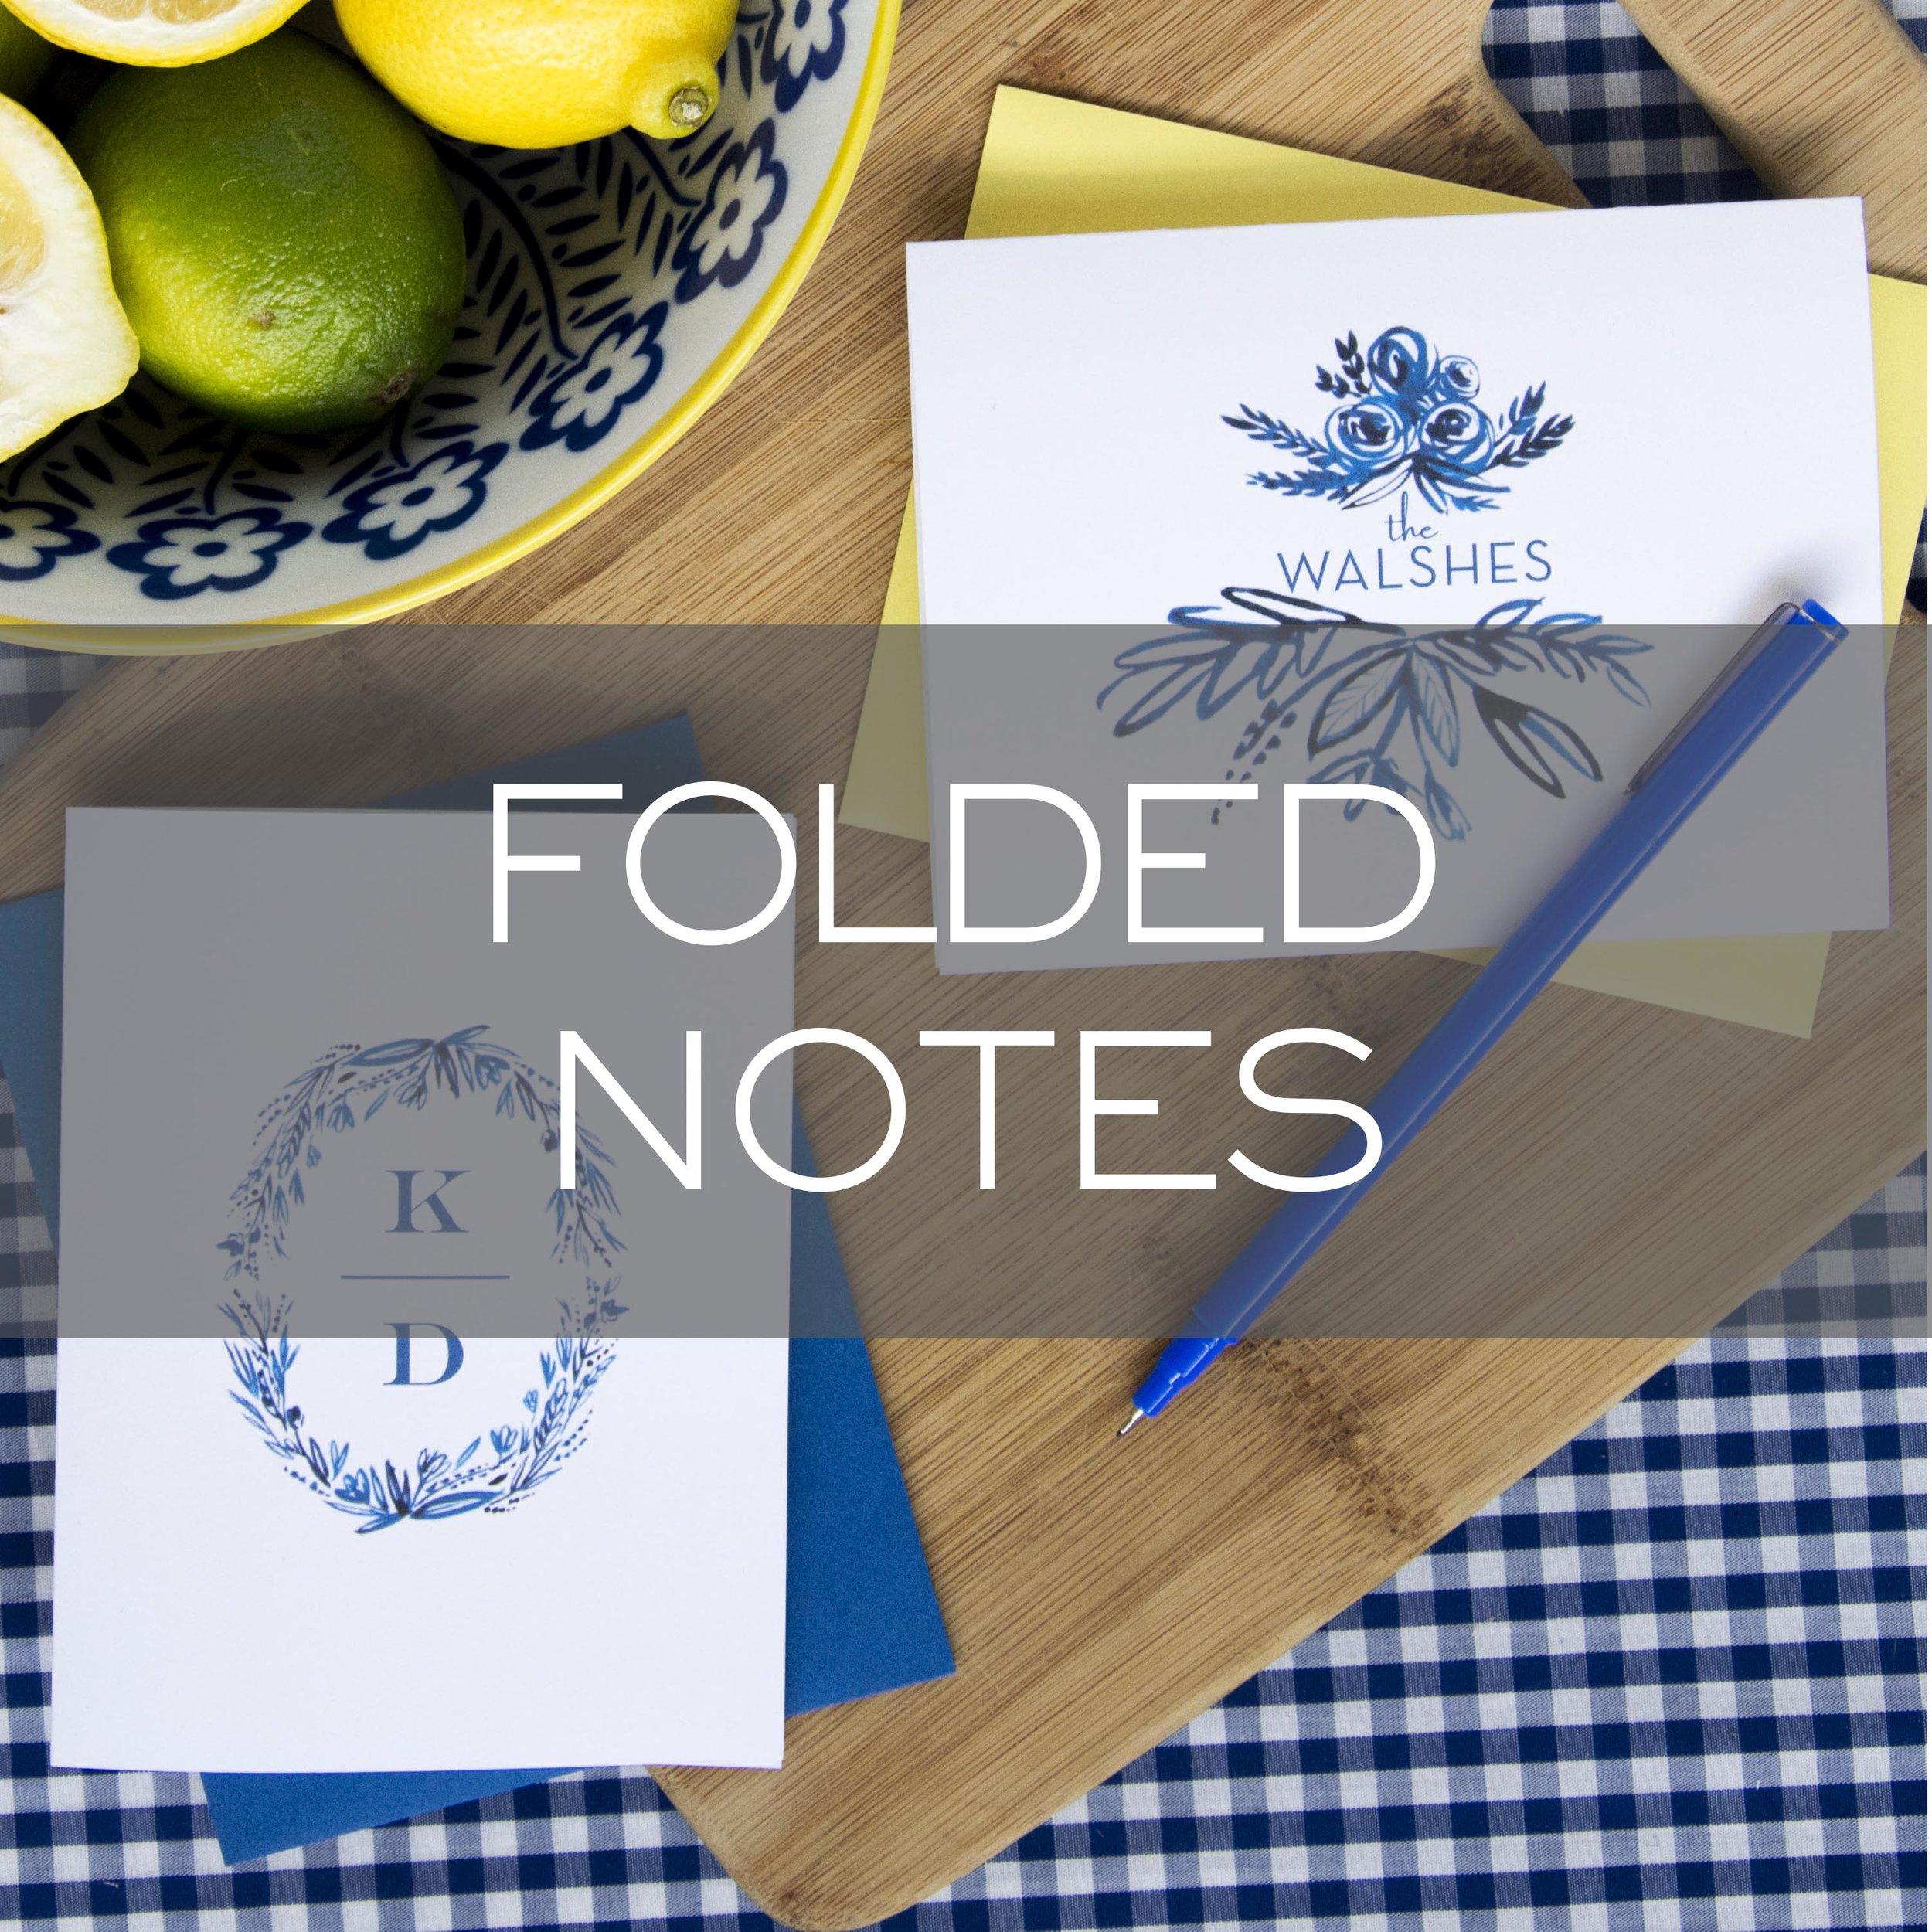 FoldedNotes.jpg